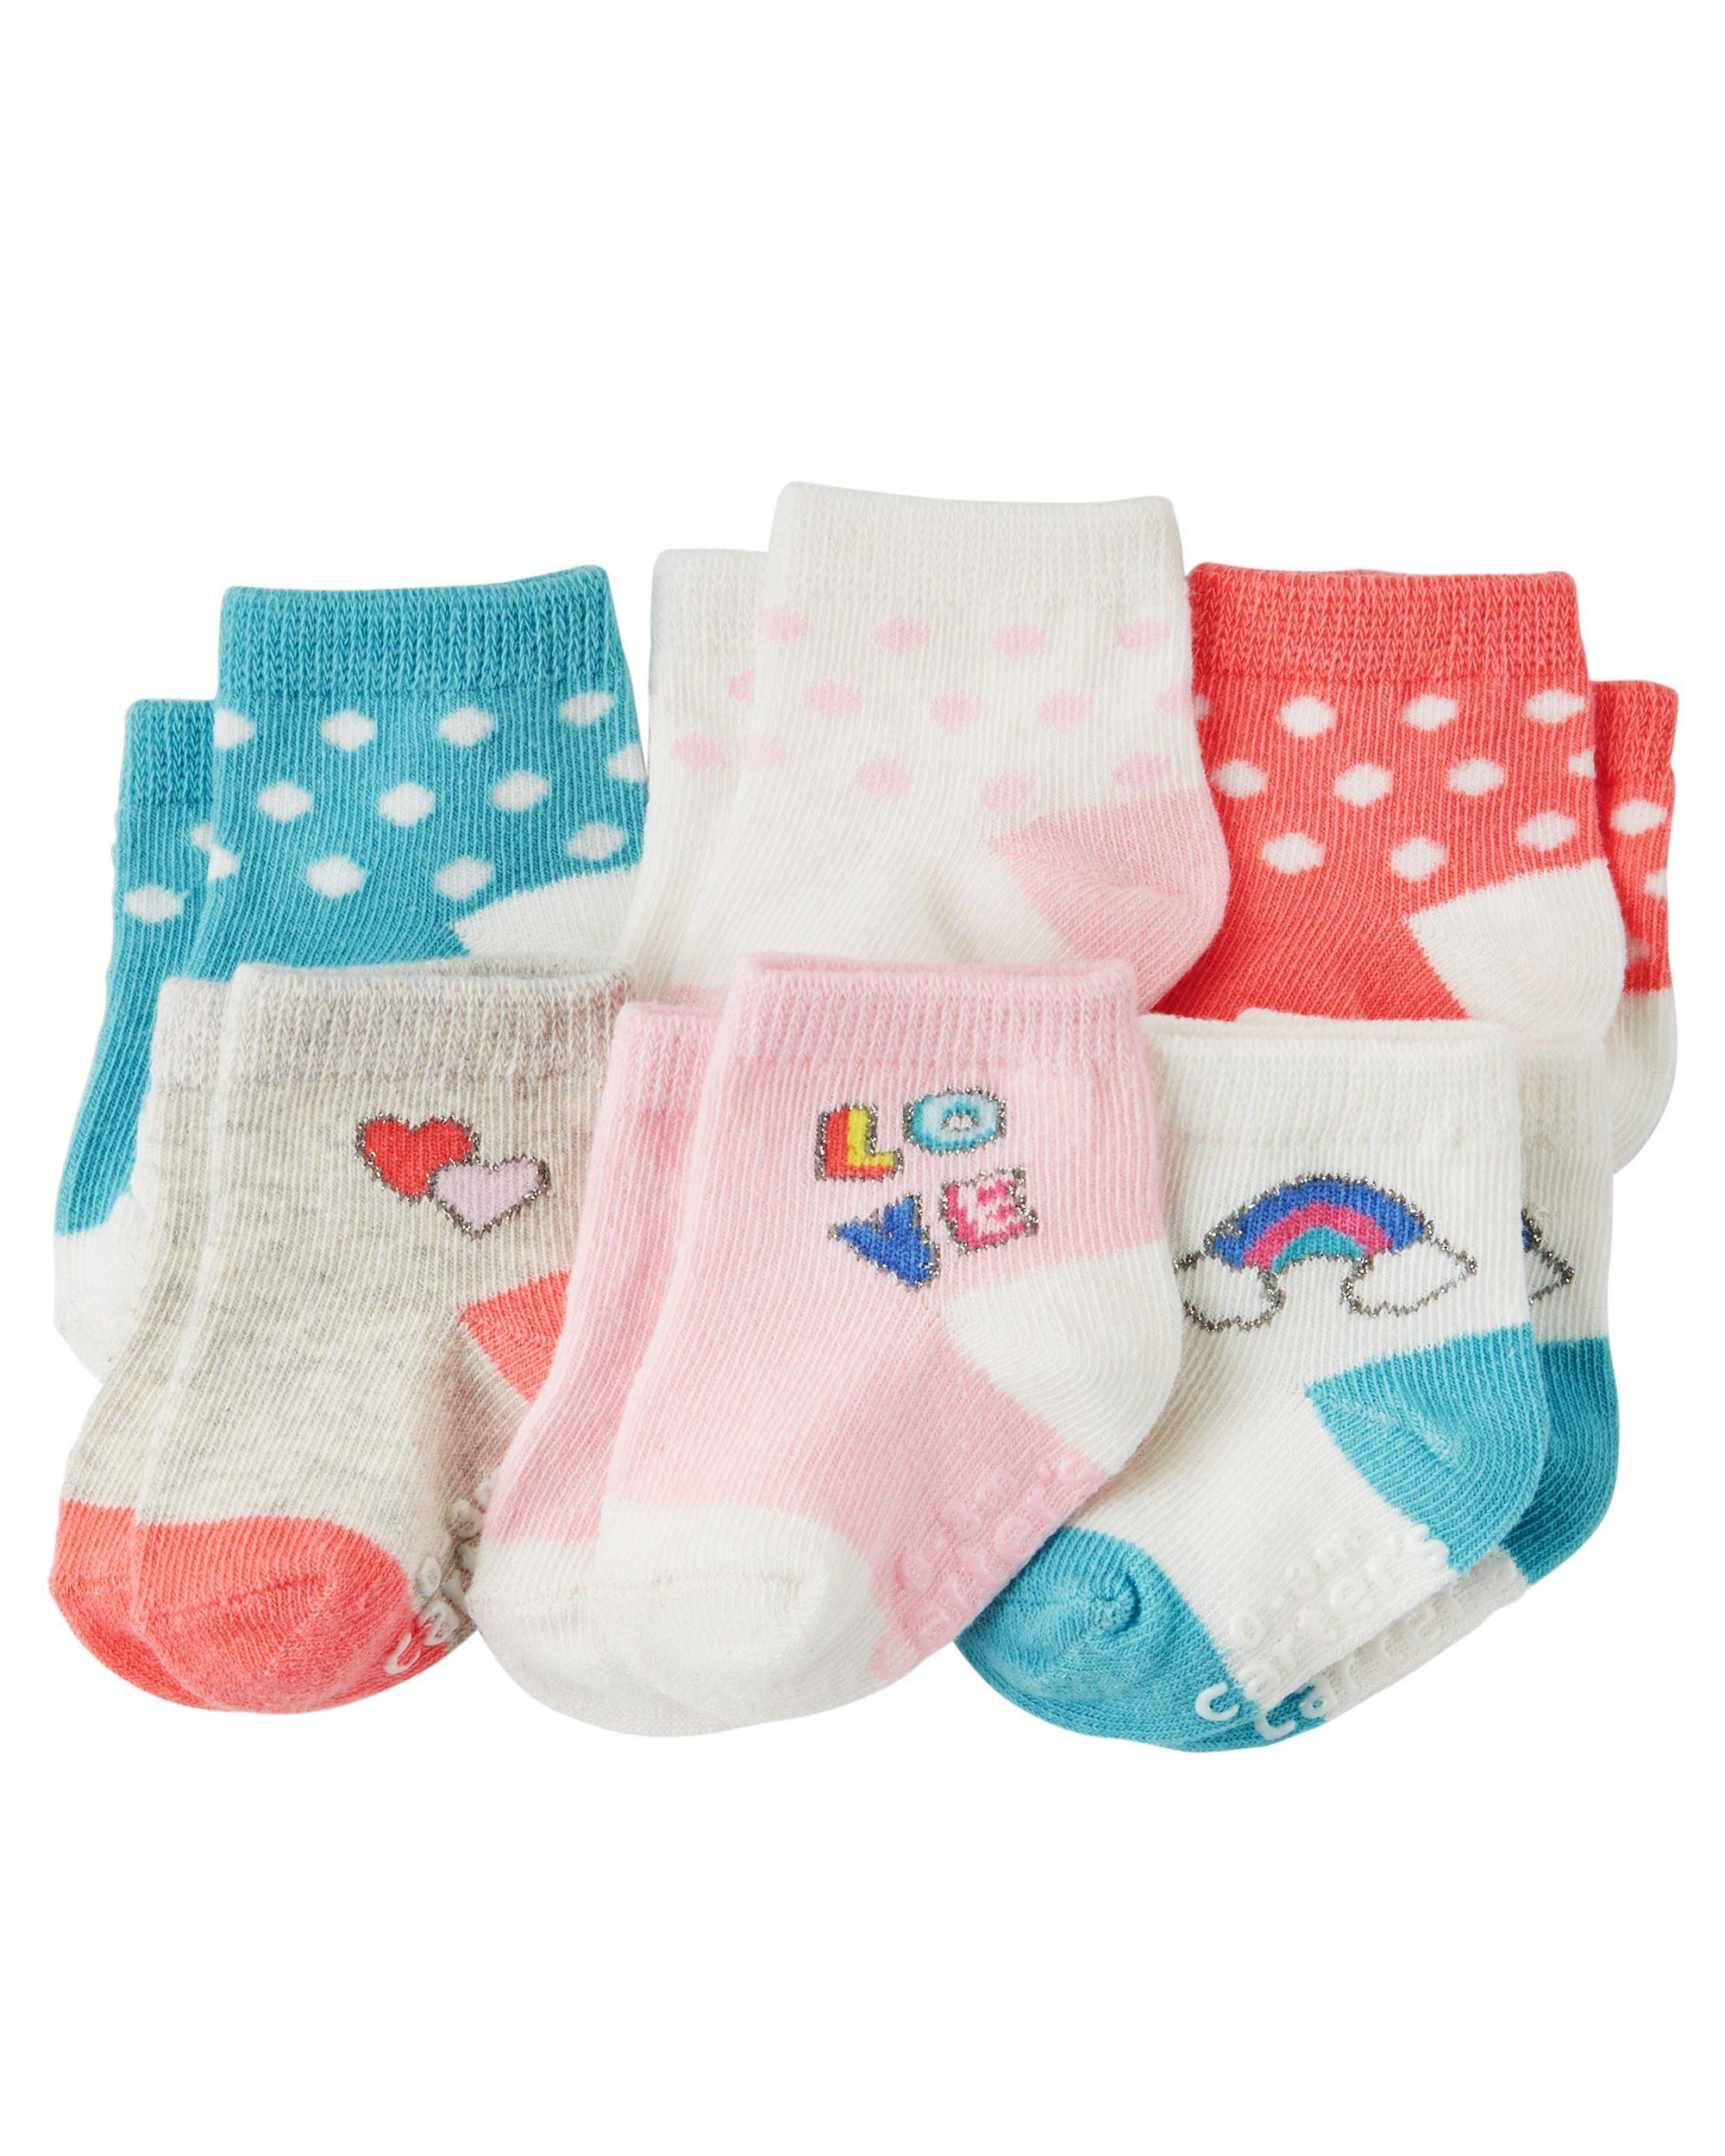 Carter's Baby-Girls Socks, Love, 0-3 Months (Pack of 6)